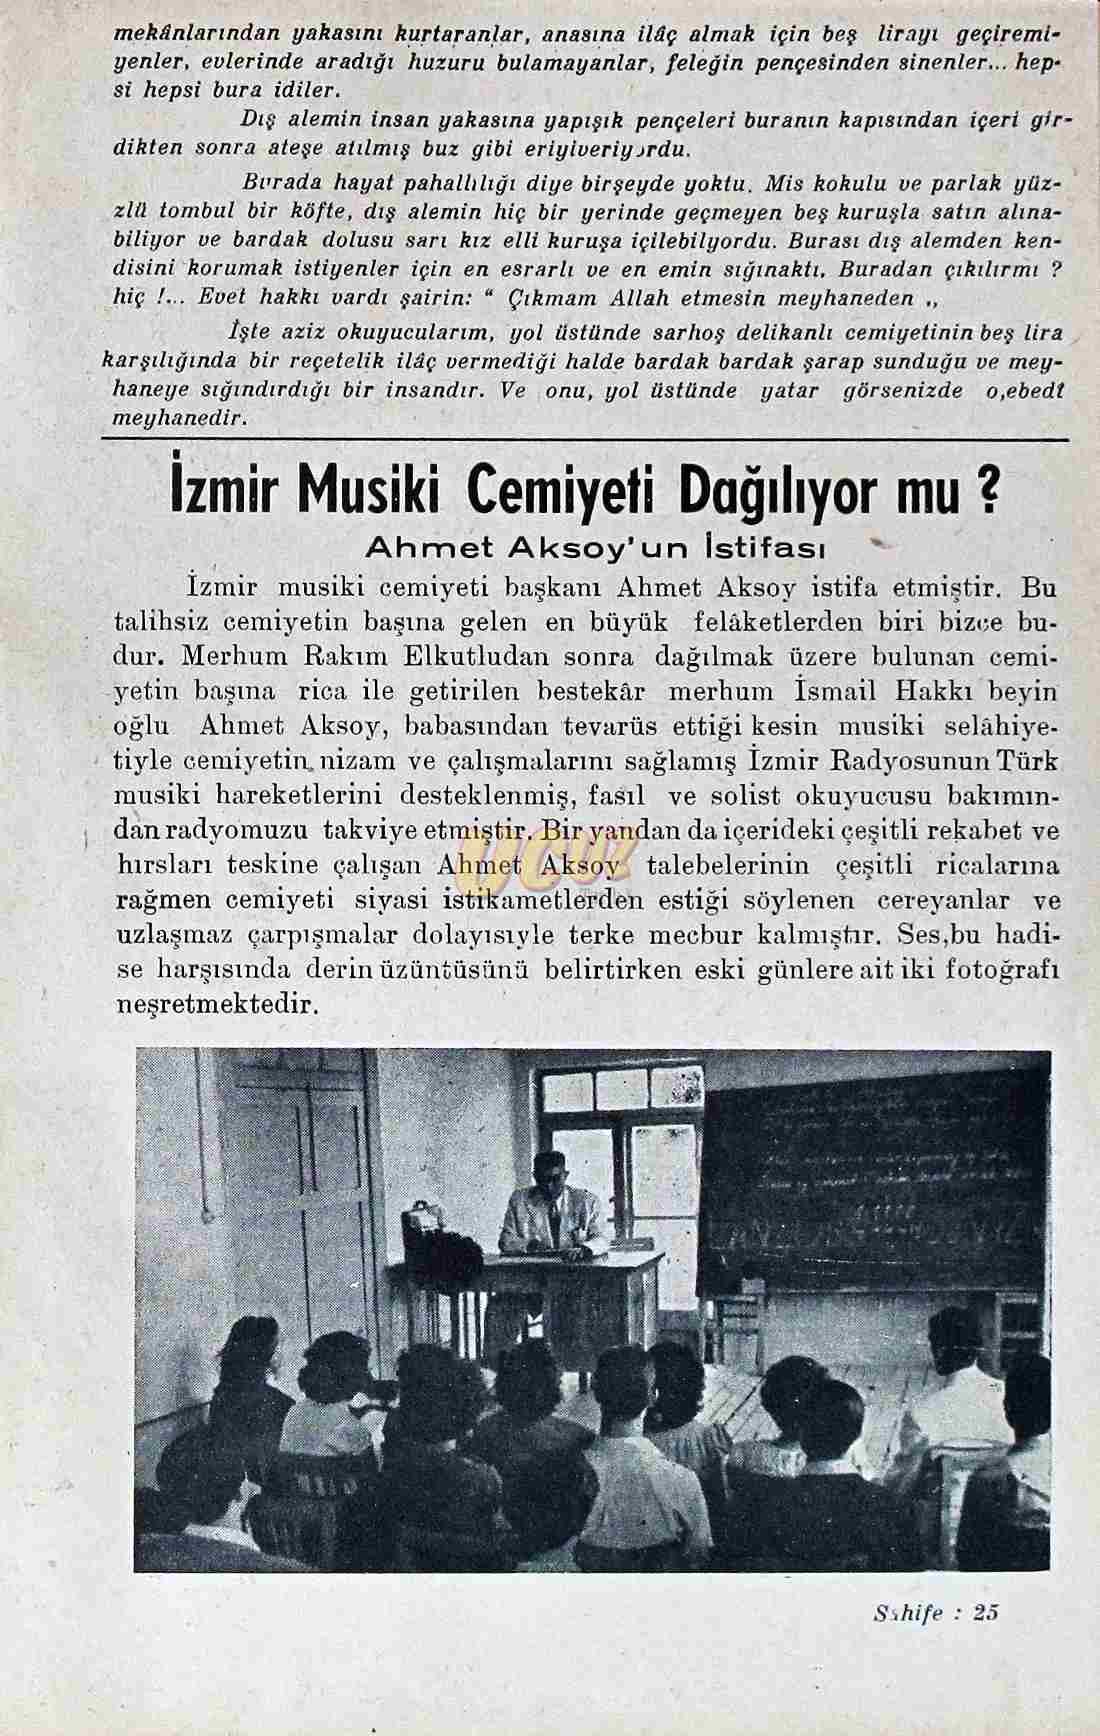 akcatepe_filmlerinden025